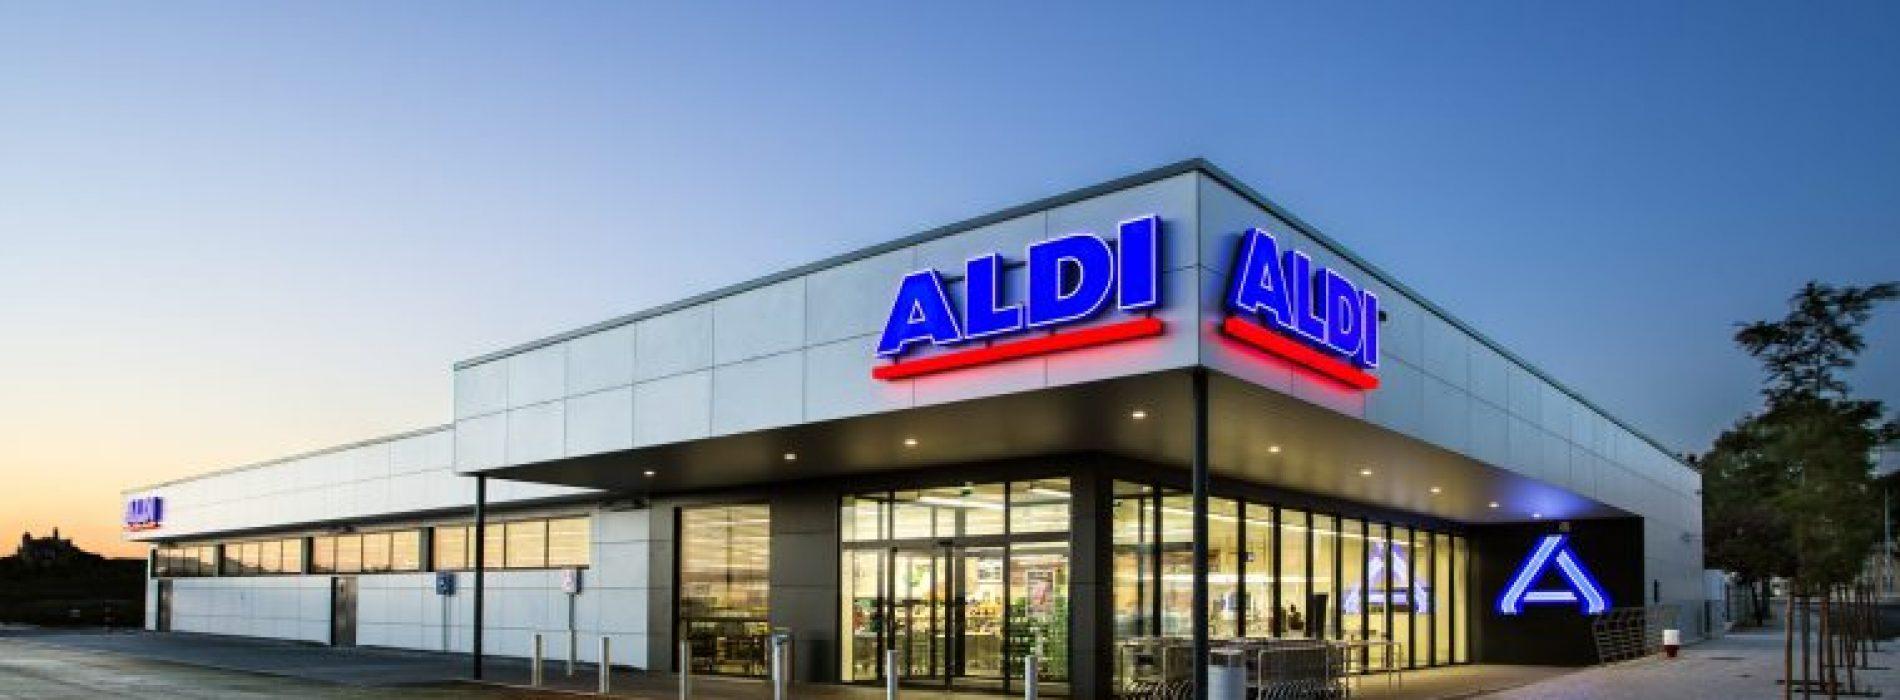 Aldi Portugal introduz rótulo Nutri-Score em marcas próprias